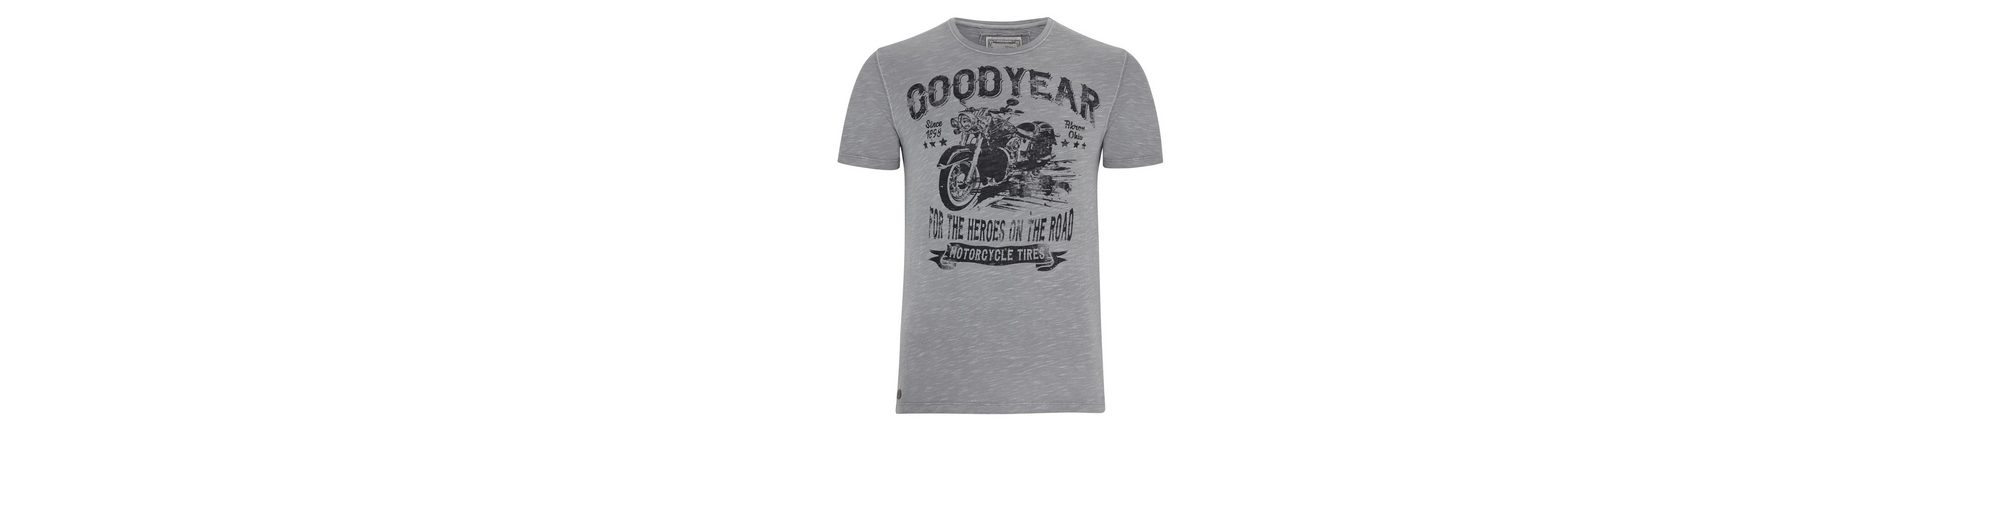 Goodyear T-Shirt NASHVILLE Top-Qualität Zum Verkauf Billig Verkauf Footlocker Bilder Spielraum Shop ZLLRa6n